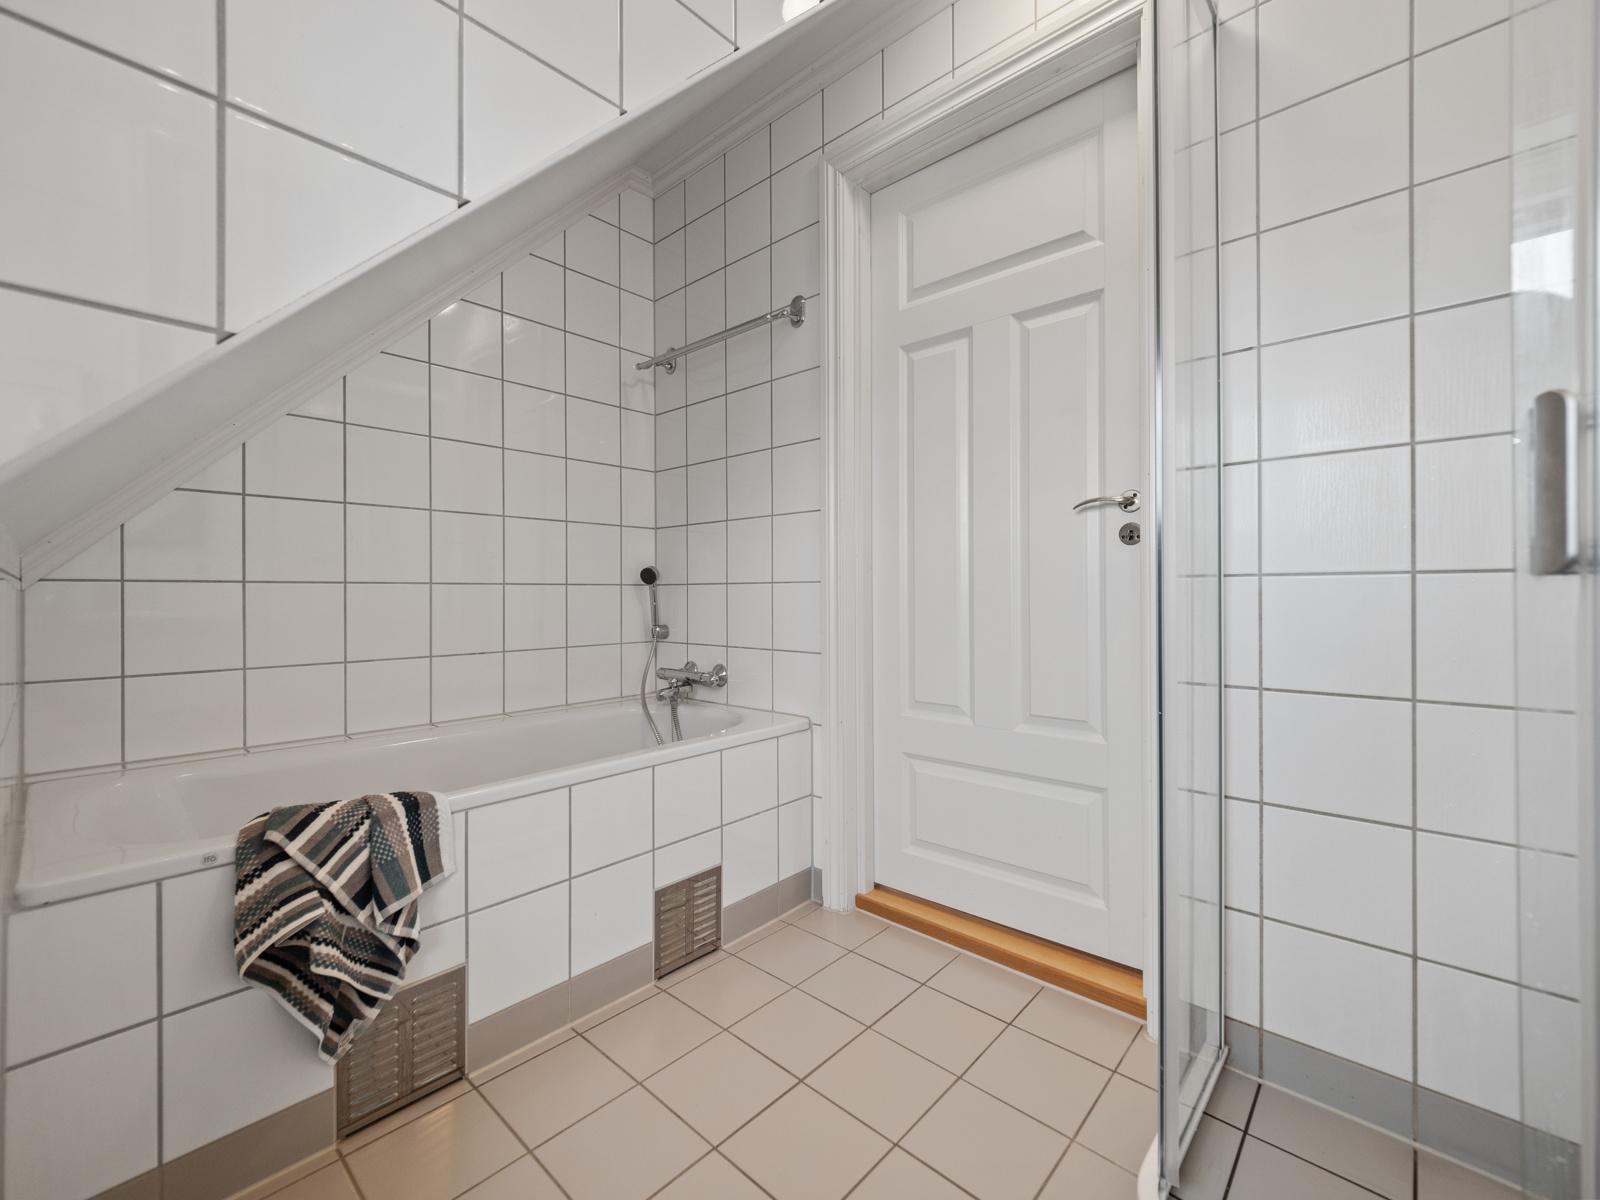 Badet i 2.etg. er innredet med vegghengt toalett, dusjhjørne, søylevask og badekar.